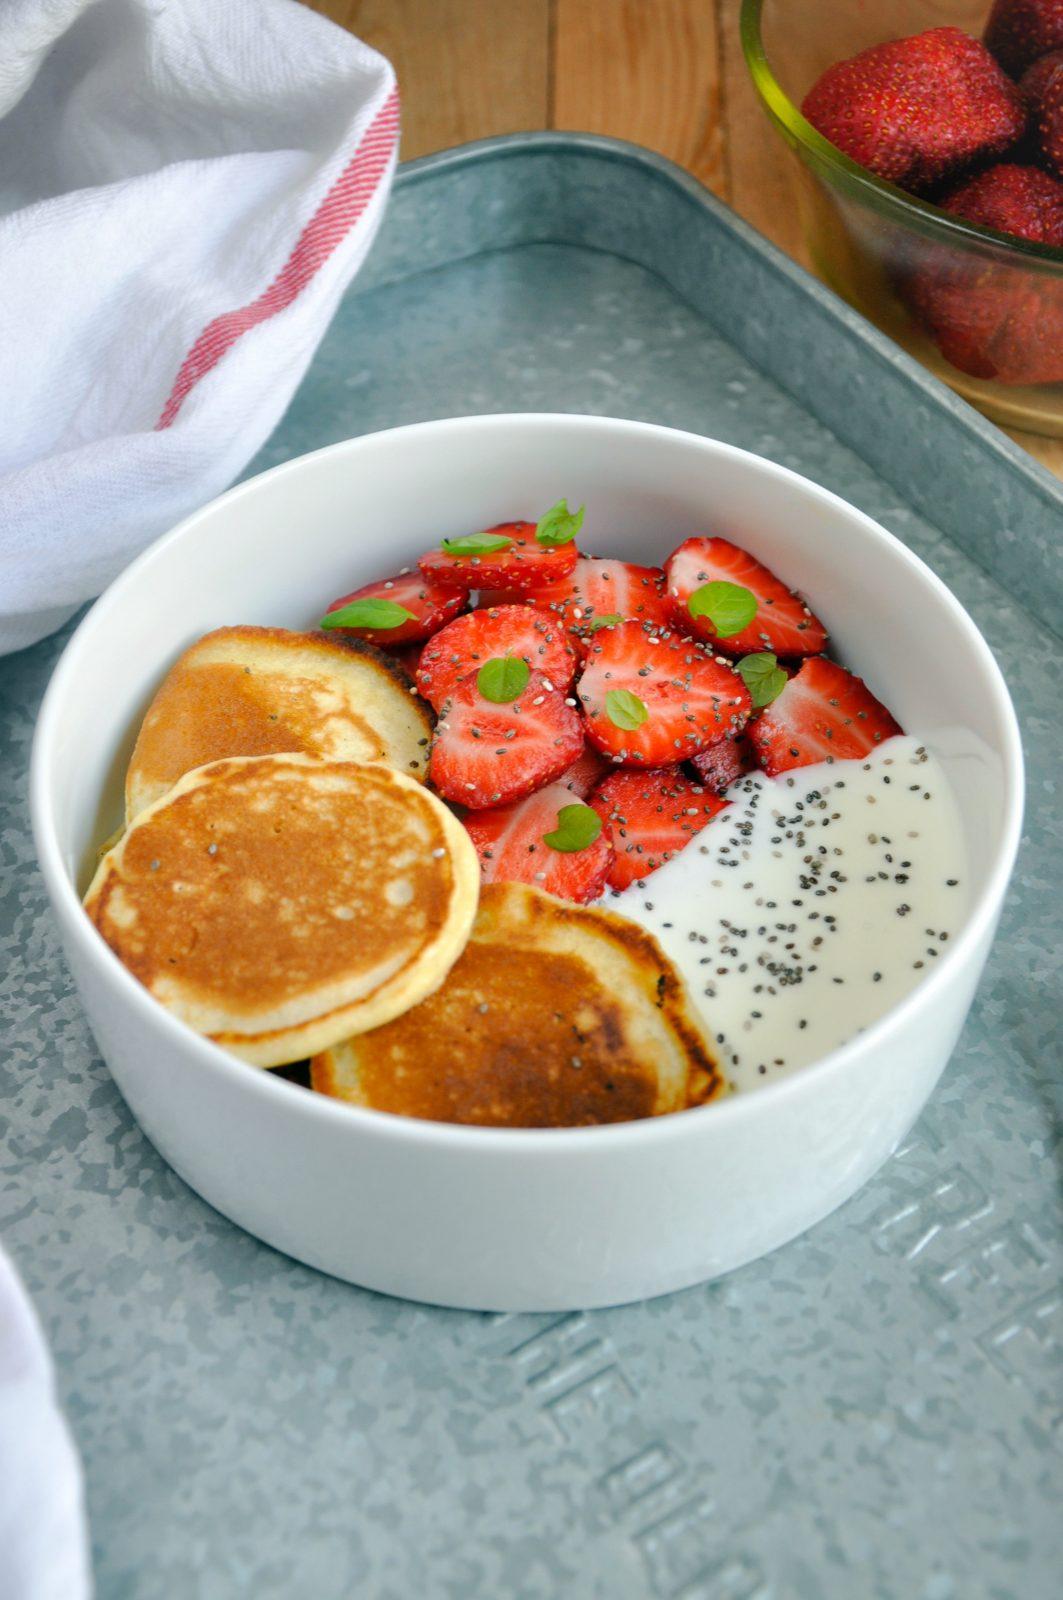 Puszyste placuszki podane z truskawkami i jogurtem naturalnym